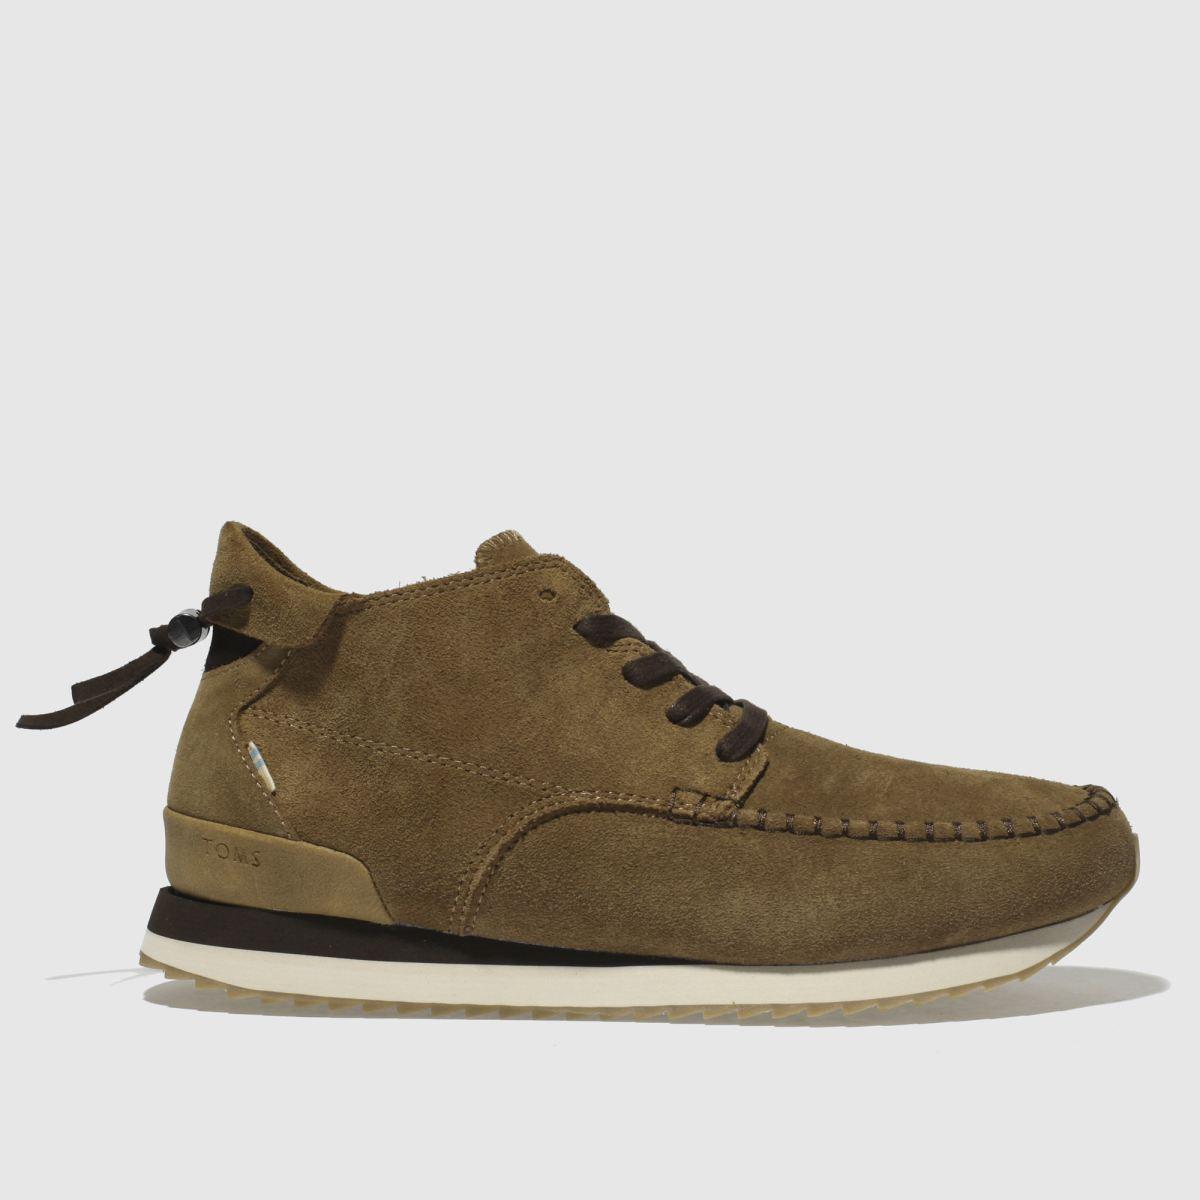 Toms Tan Balboa Mid Boots